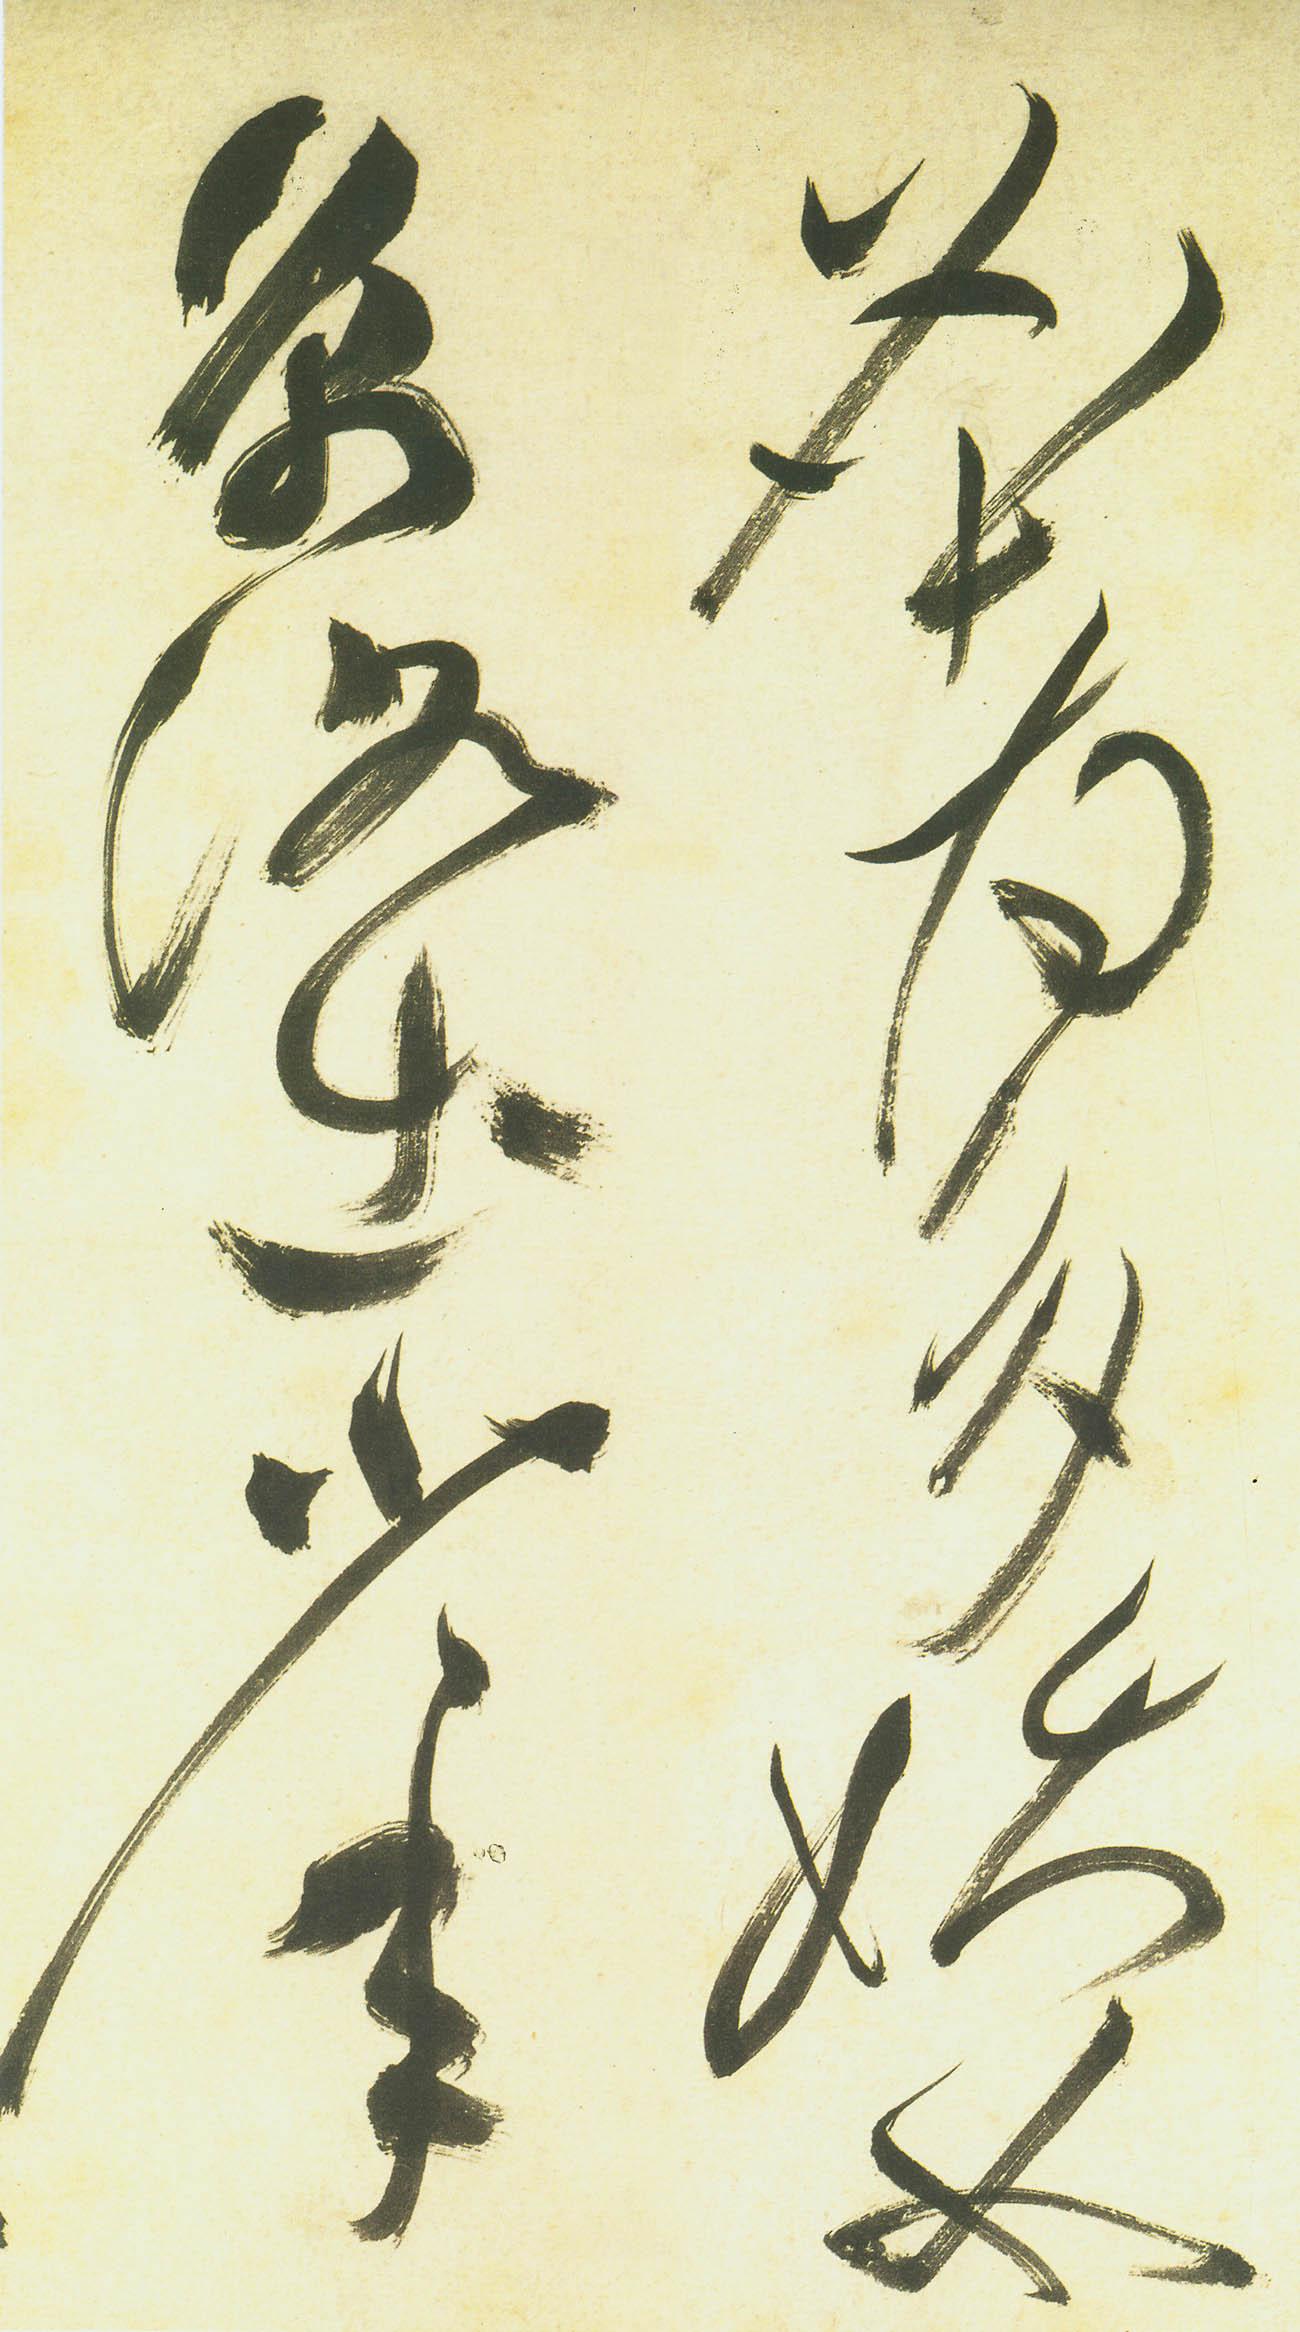 祝允明书法手卷 - 香儿 - xianger